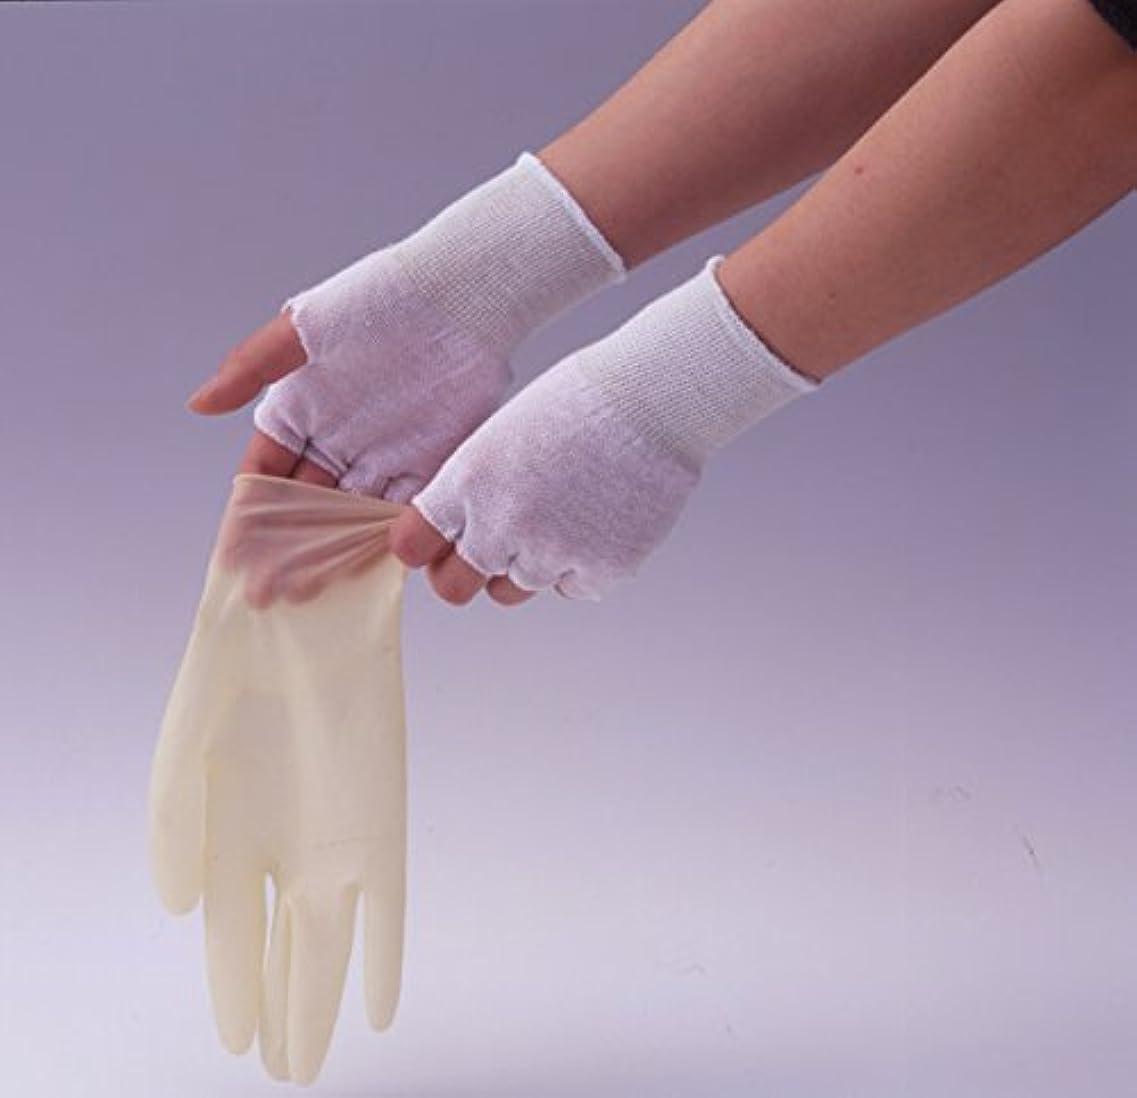 歪める記念碑的な温度計やさしインナー手袋 (綿100%指なし) 200組/カートン 激安業務用パック